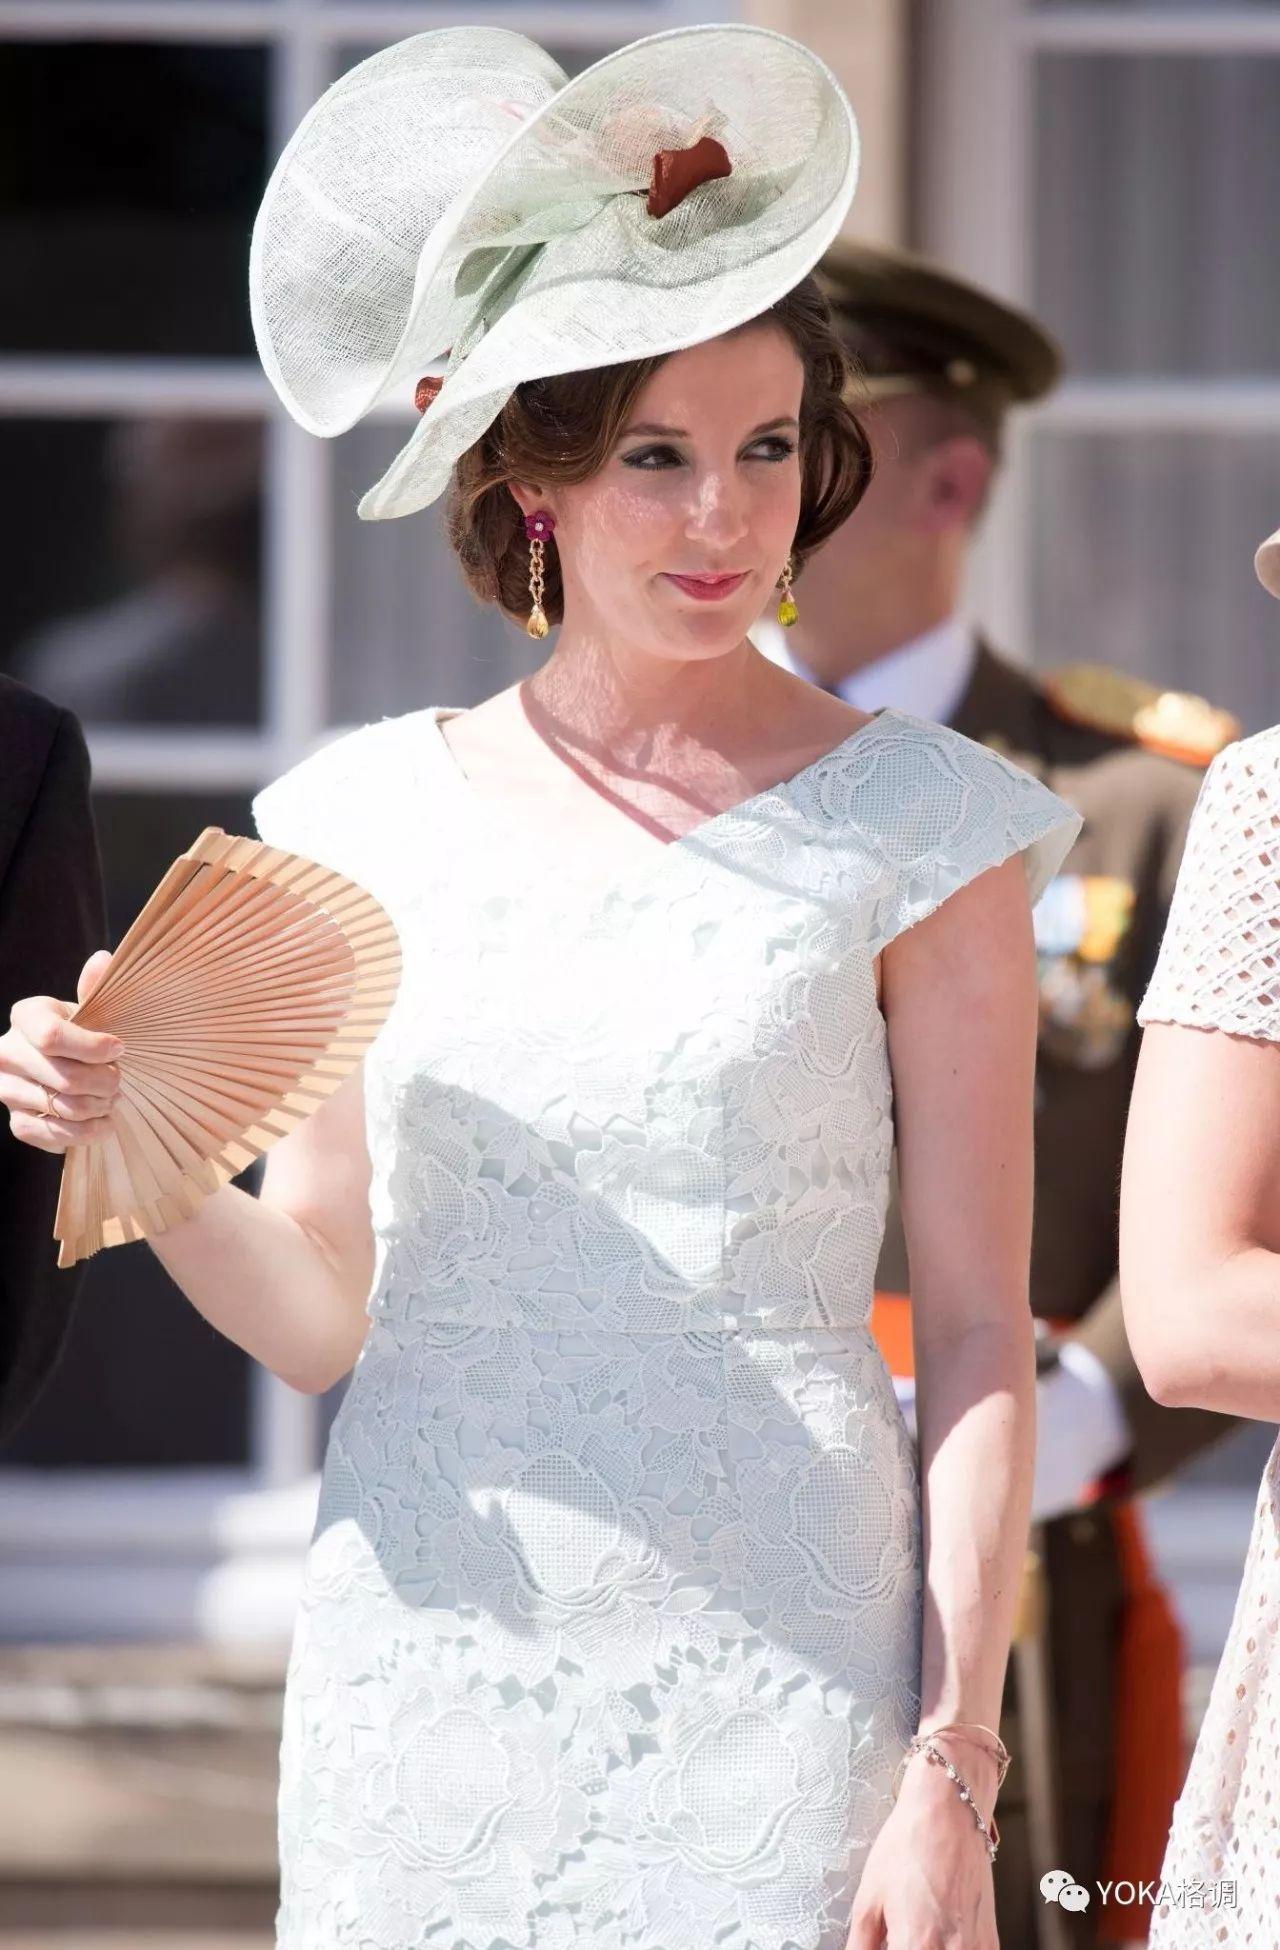 彪悍女兵拿下18岁卢森堡王子 结婚10年后又把他给踹了 | 王室风云